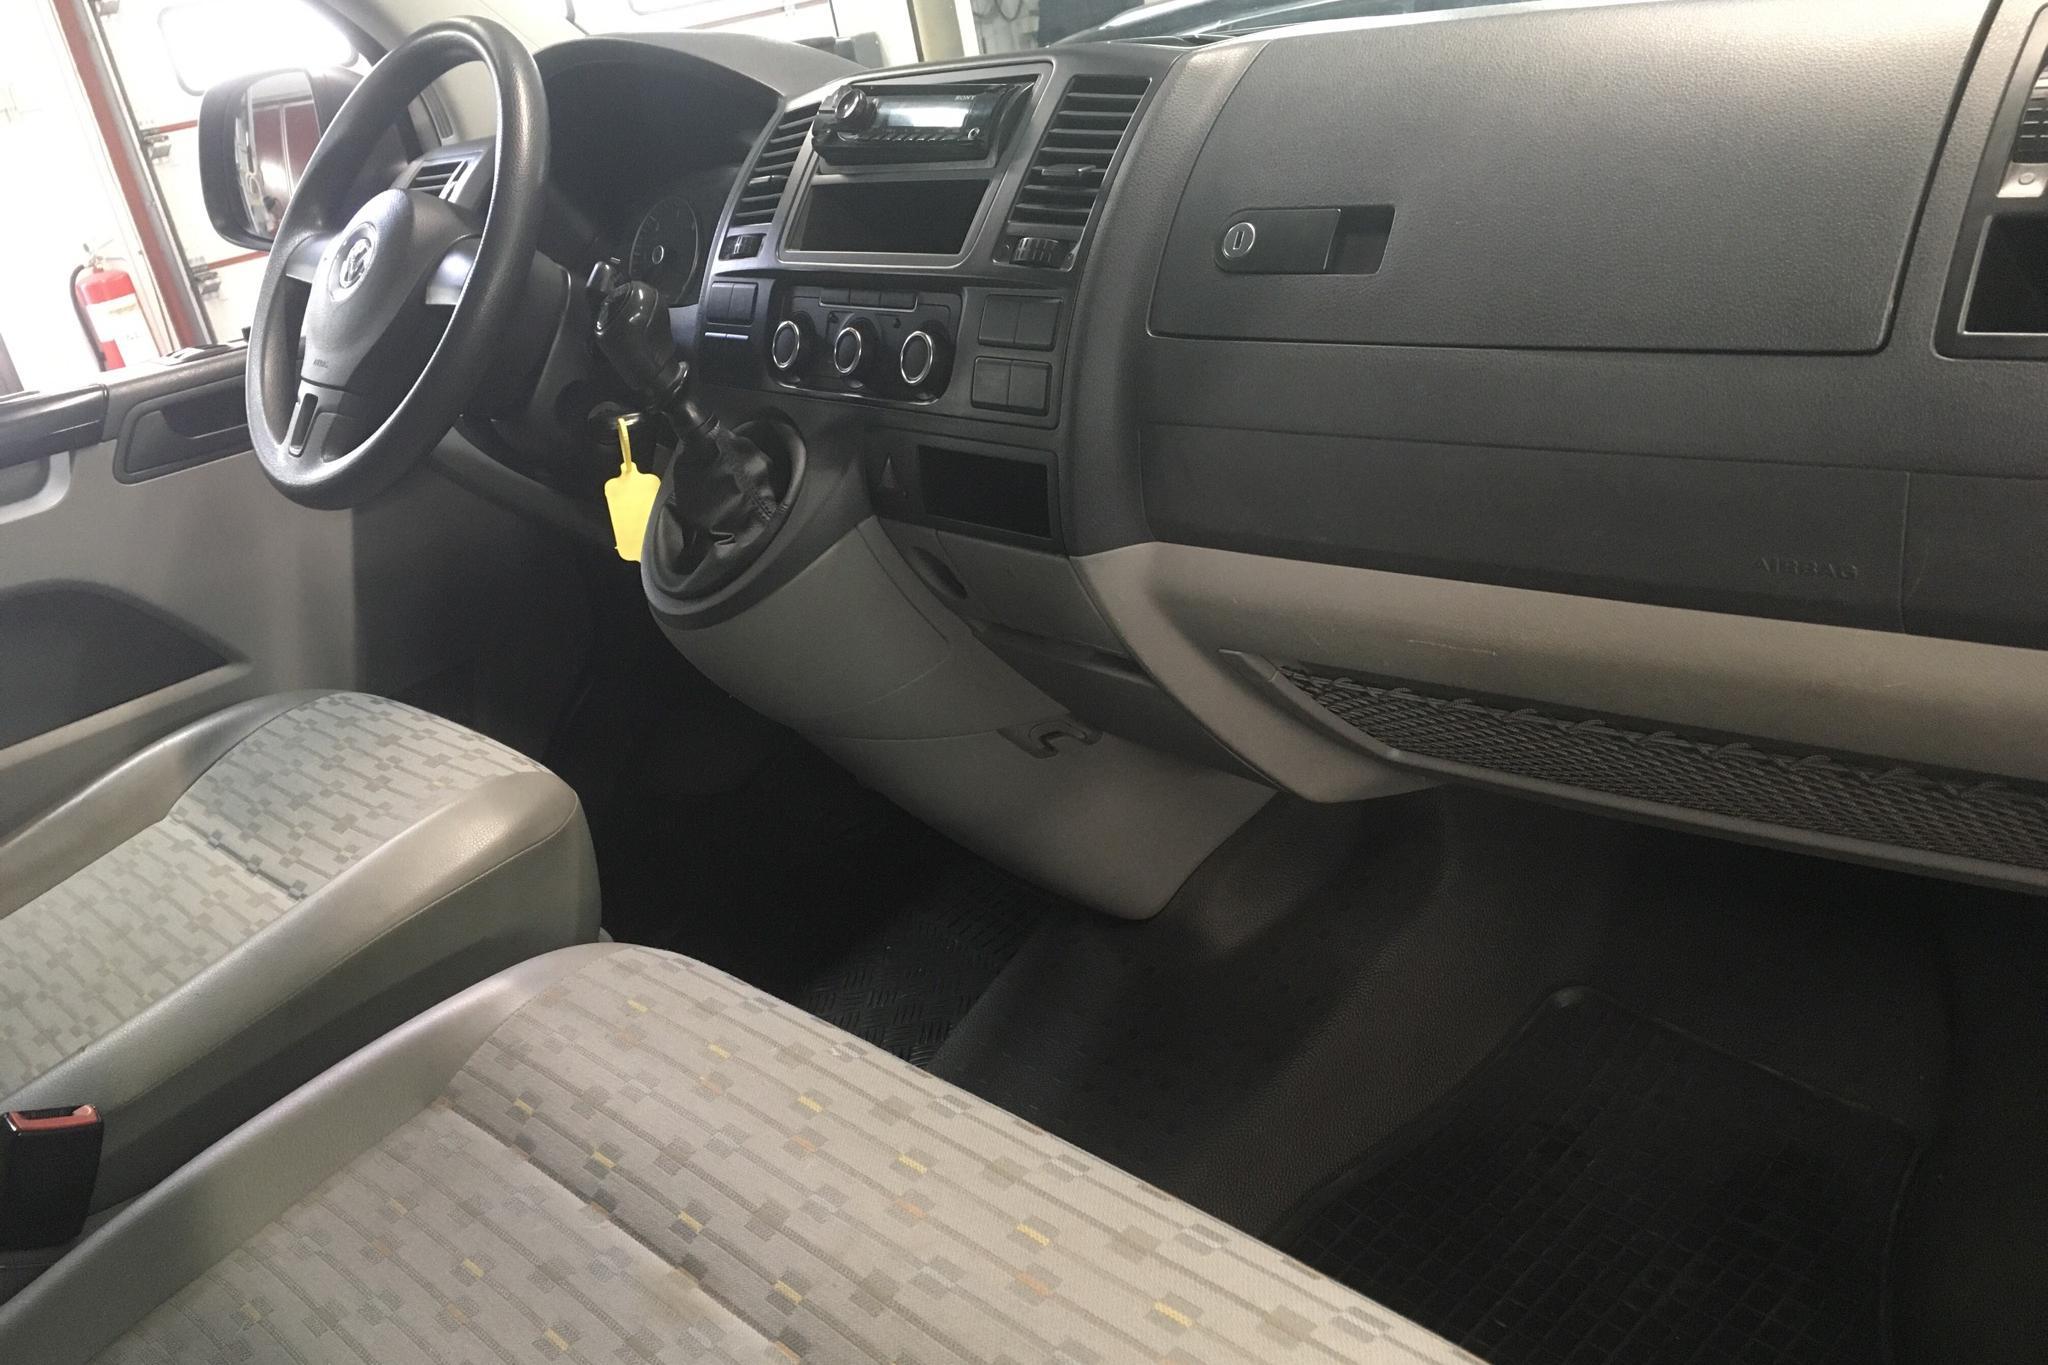 VW Transporter T5 2.0 TDI (114hk) - 11 606 mil - Manuell - vit - 2012